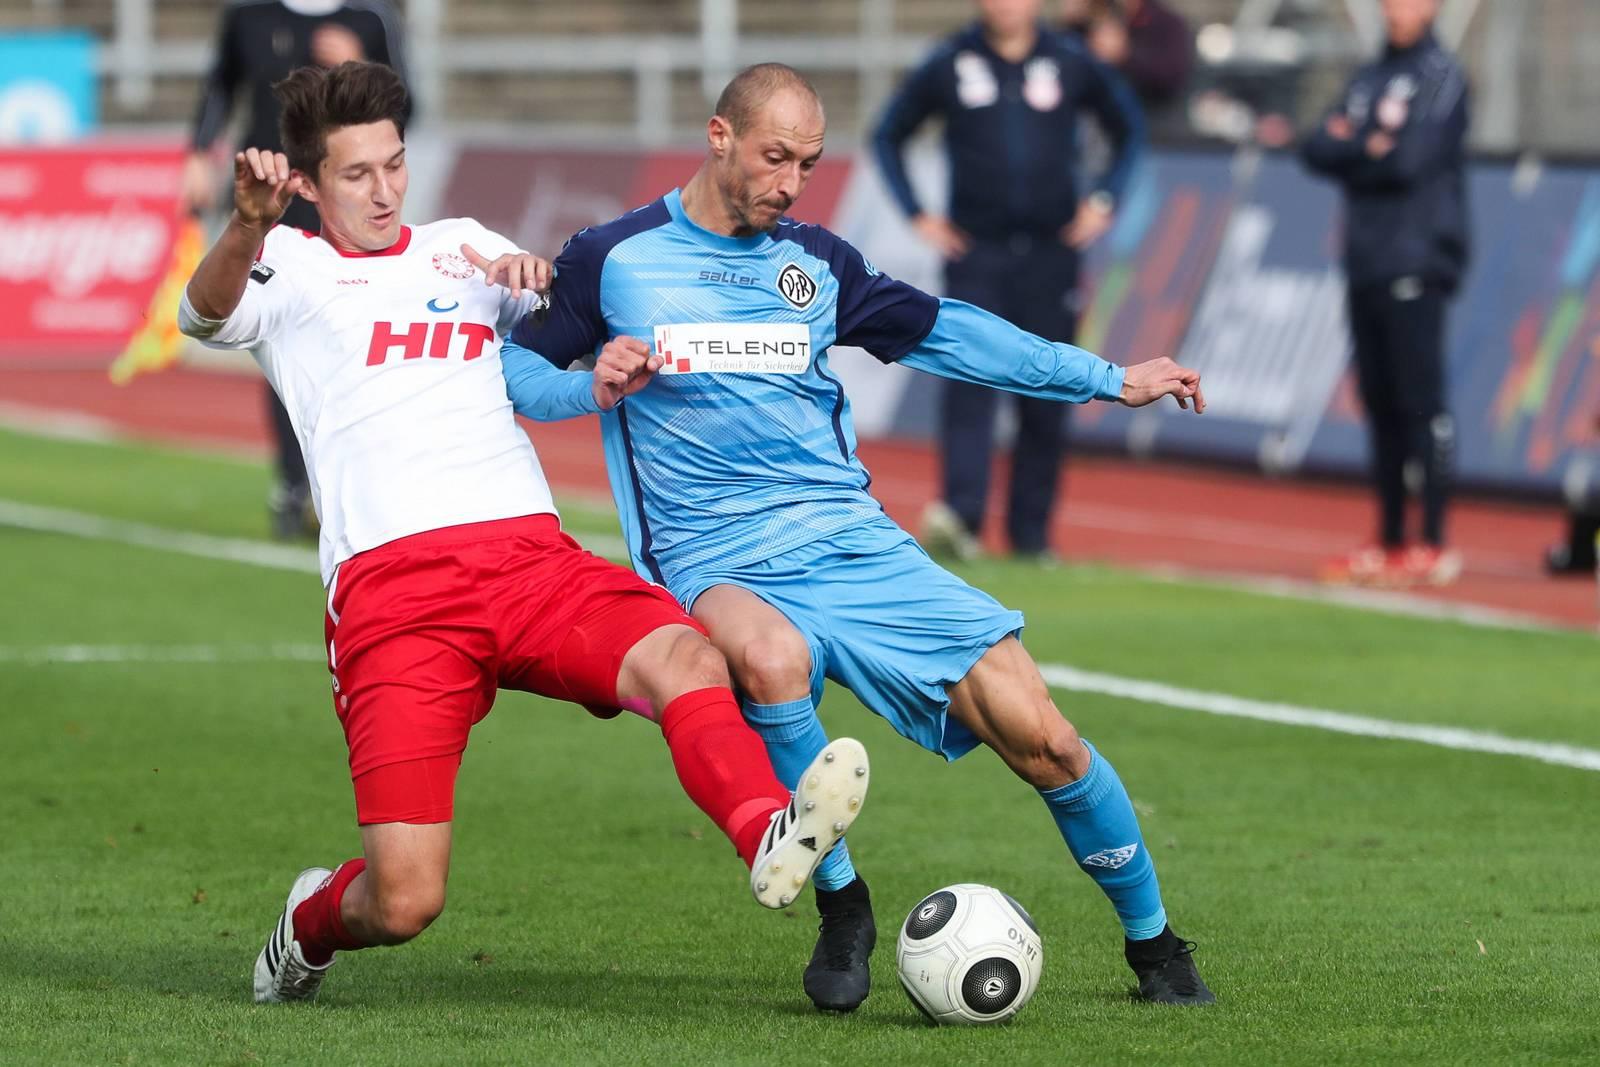 Markus Pazurek grätscht gegen Matthias Morys vom VfR Aalen.